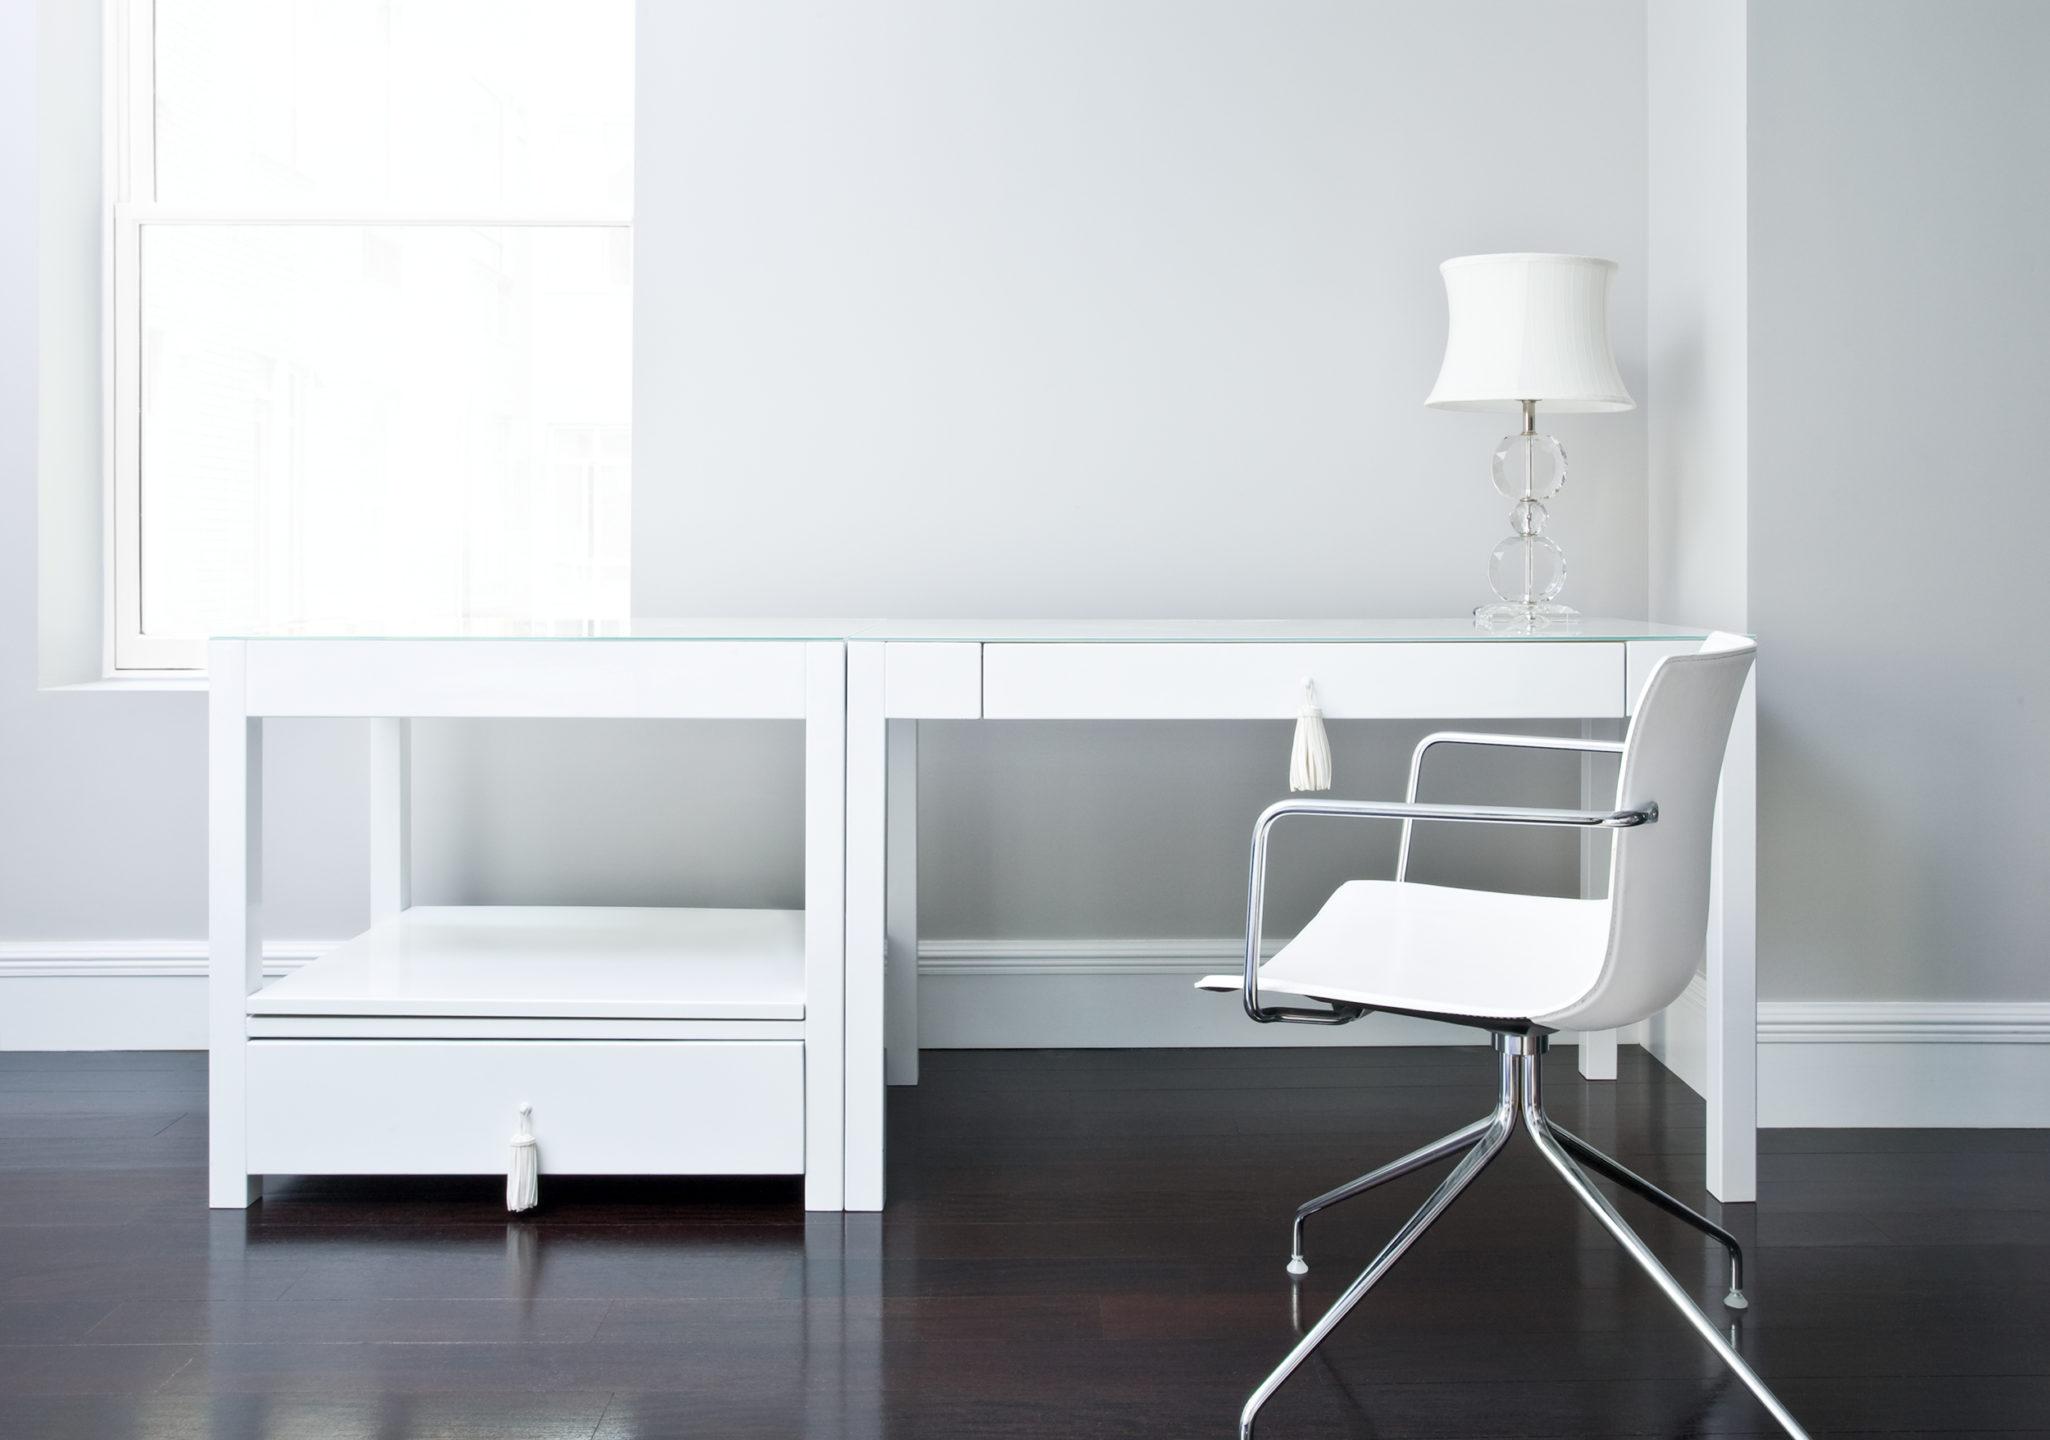 IMAGINE-desk-1-nicole-fuller-product-information